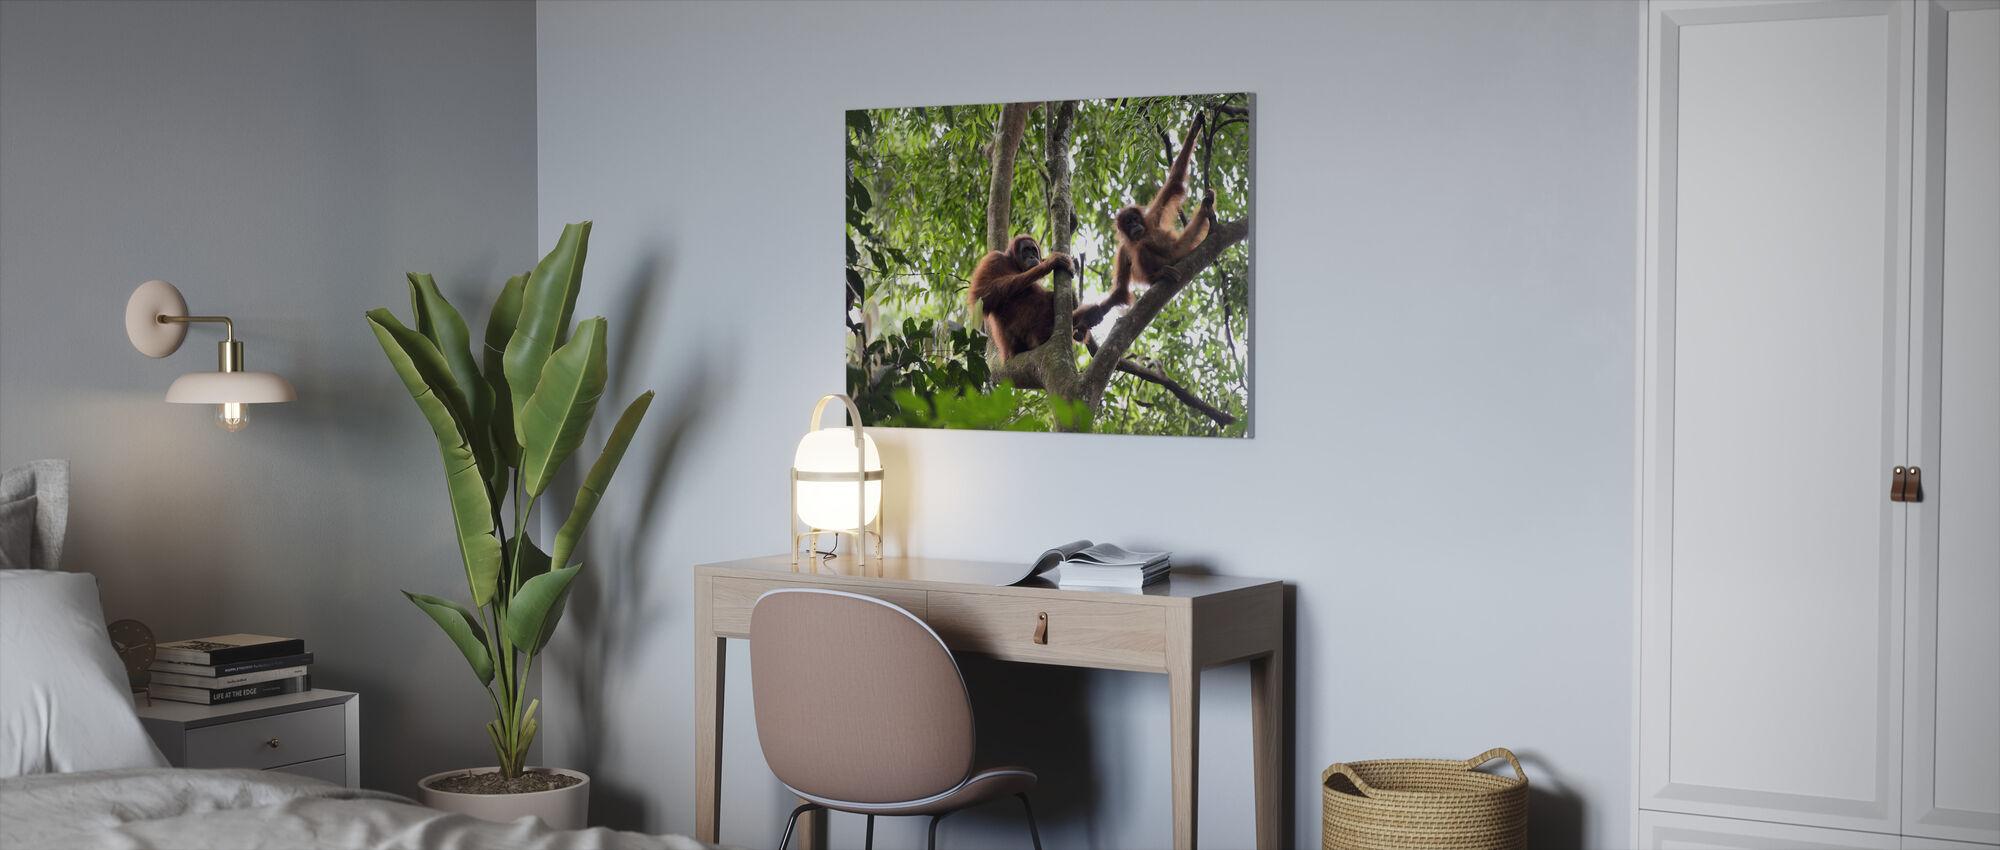 Vrouwelijke en zuigelingen-orang-oetan - Canvas print - Kantoor